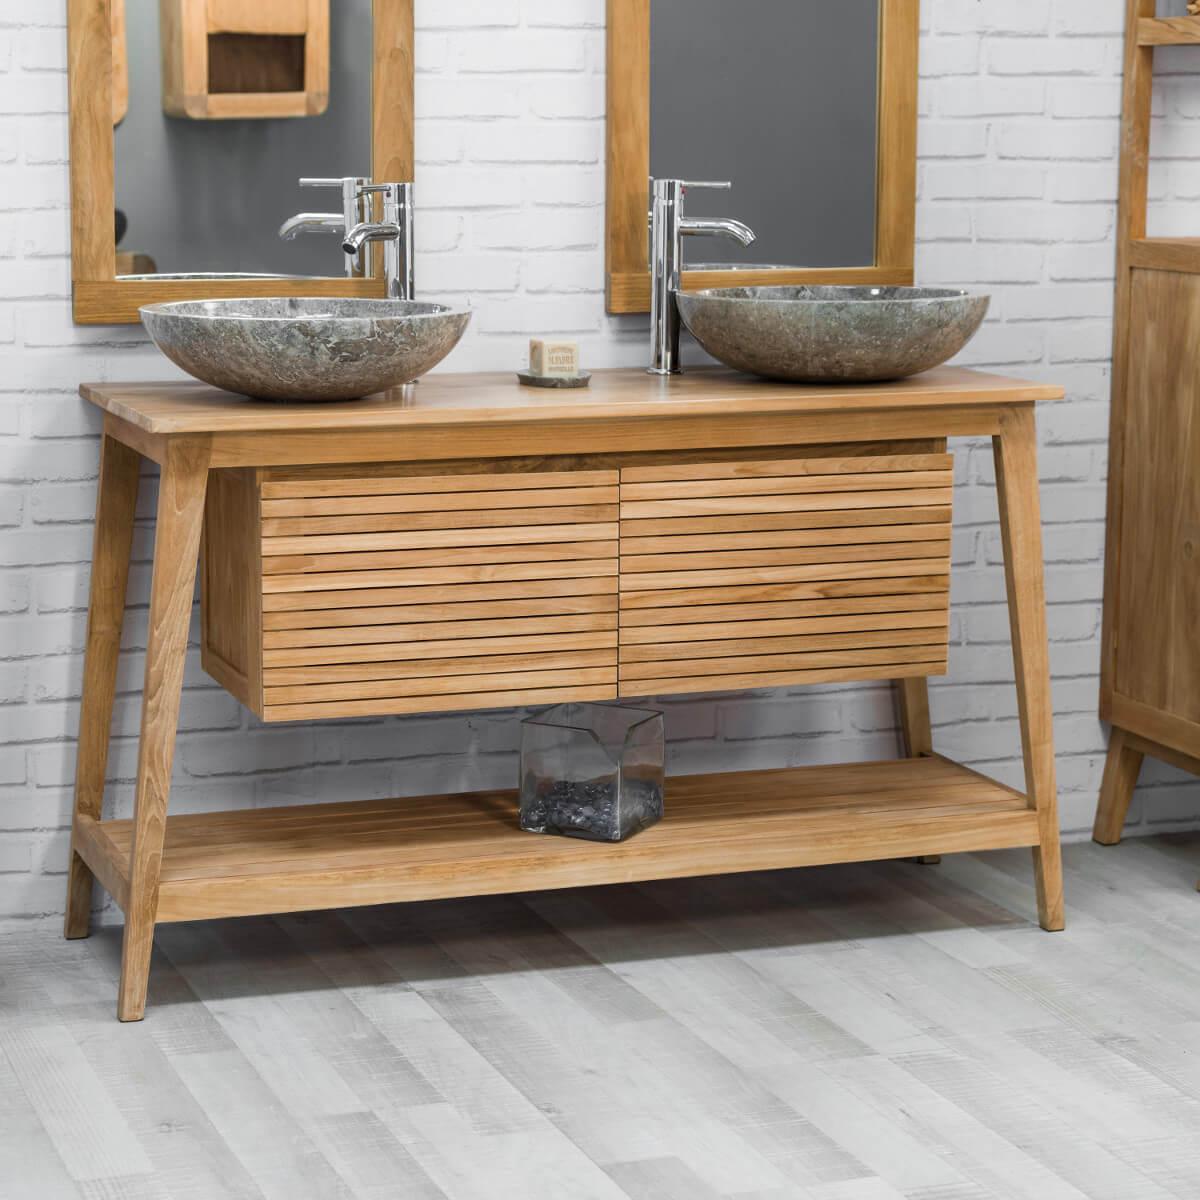 Meuble salle de bain style scandinave - Boutique-gain-de-place.fr